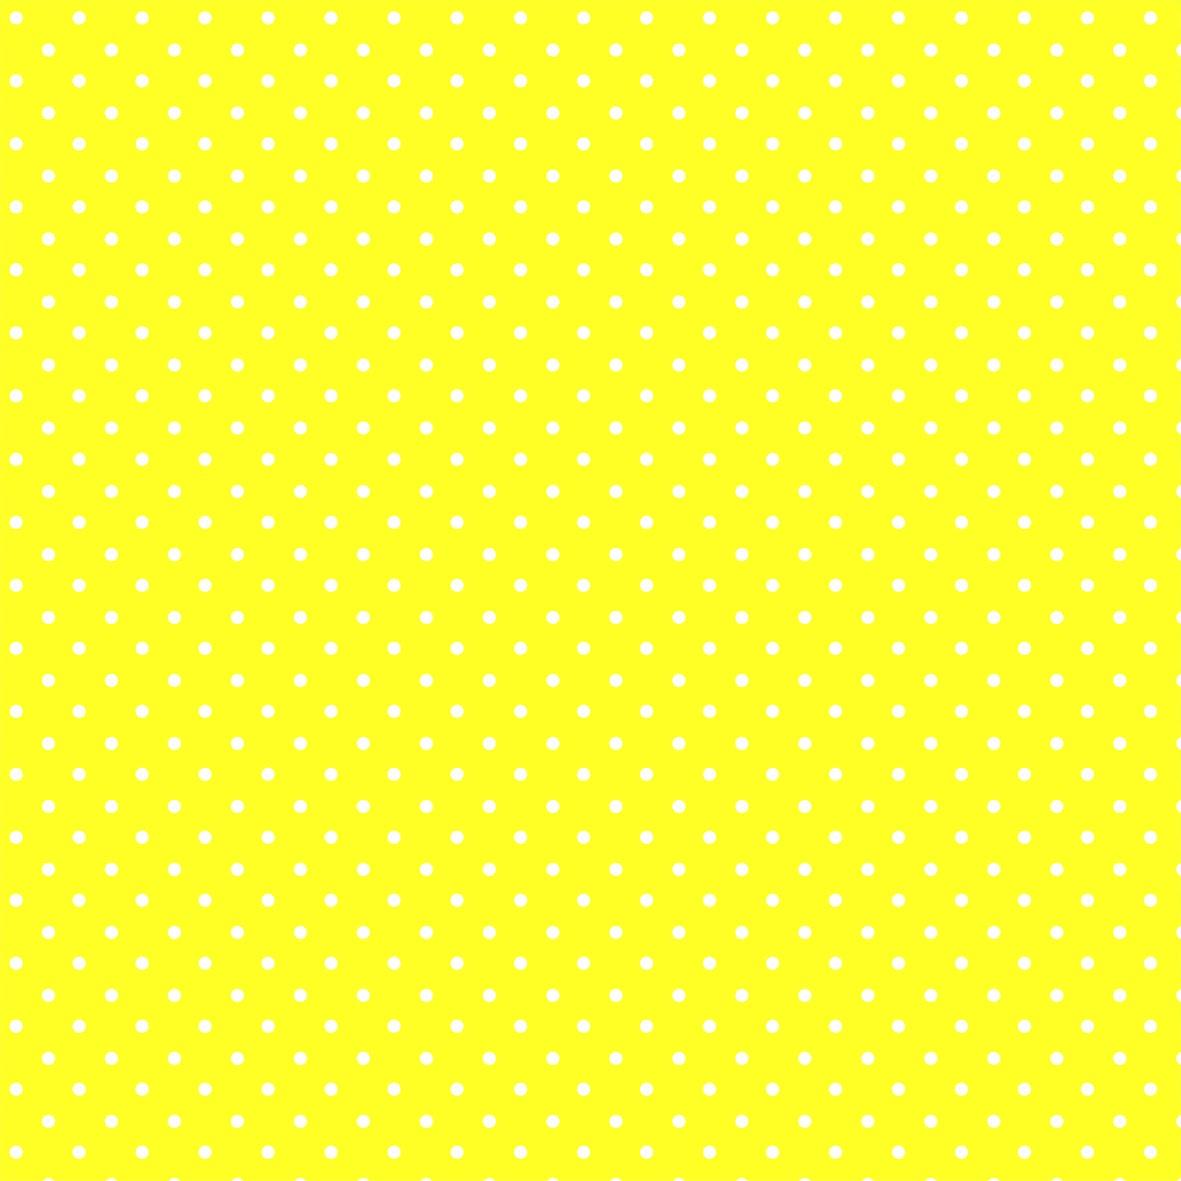 Fondo amarillo.